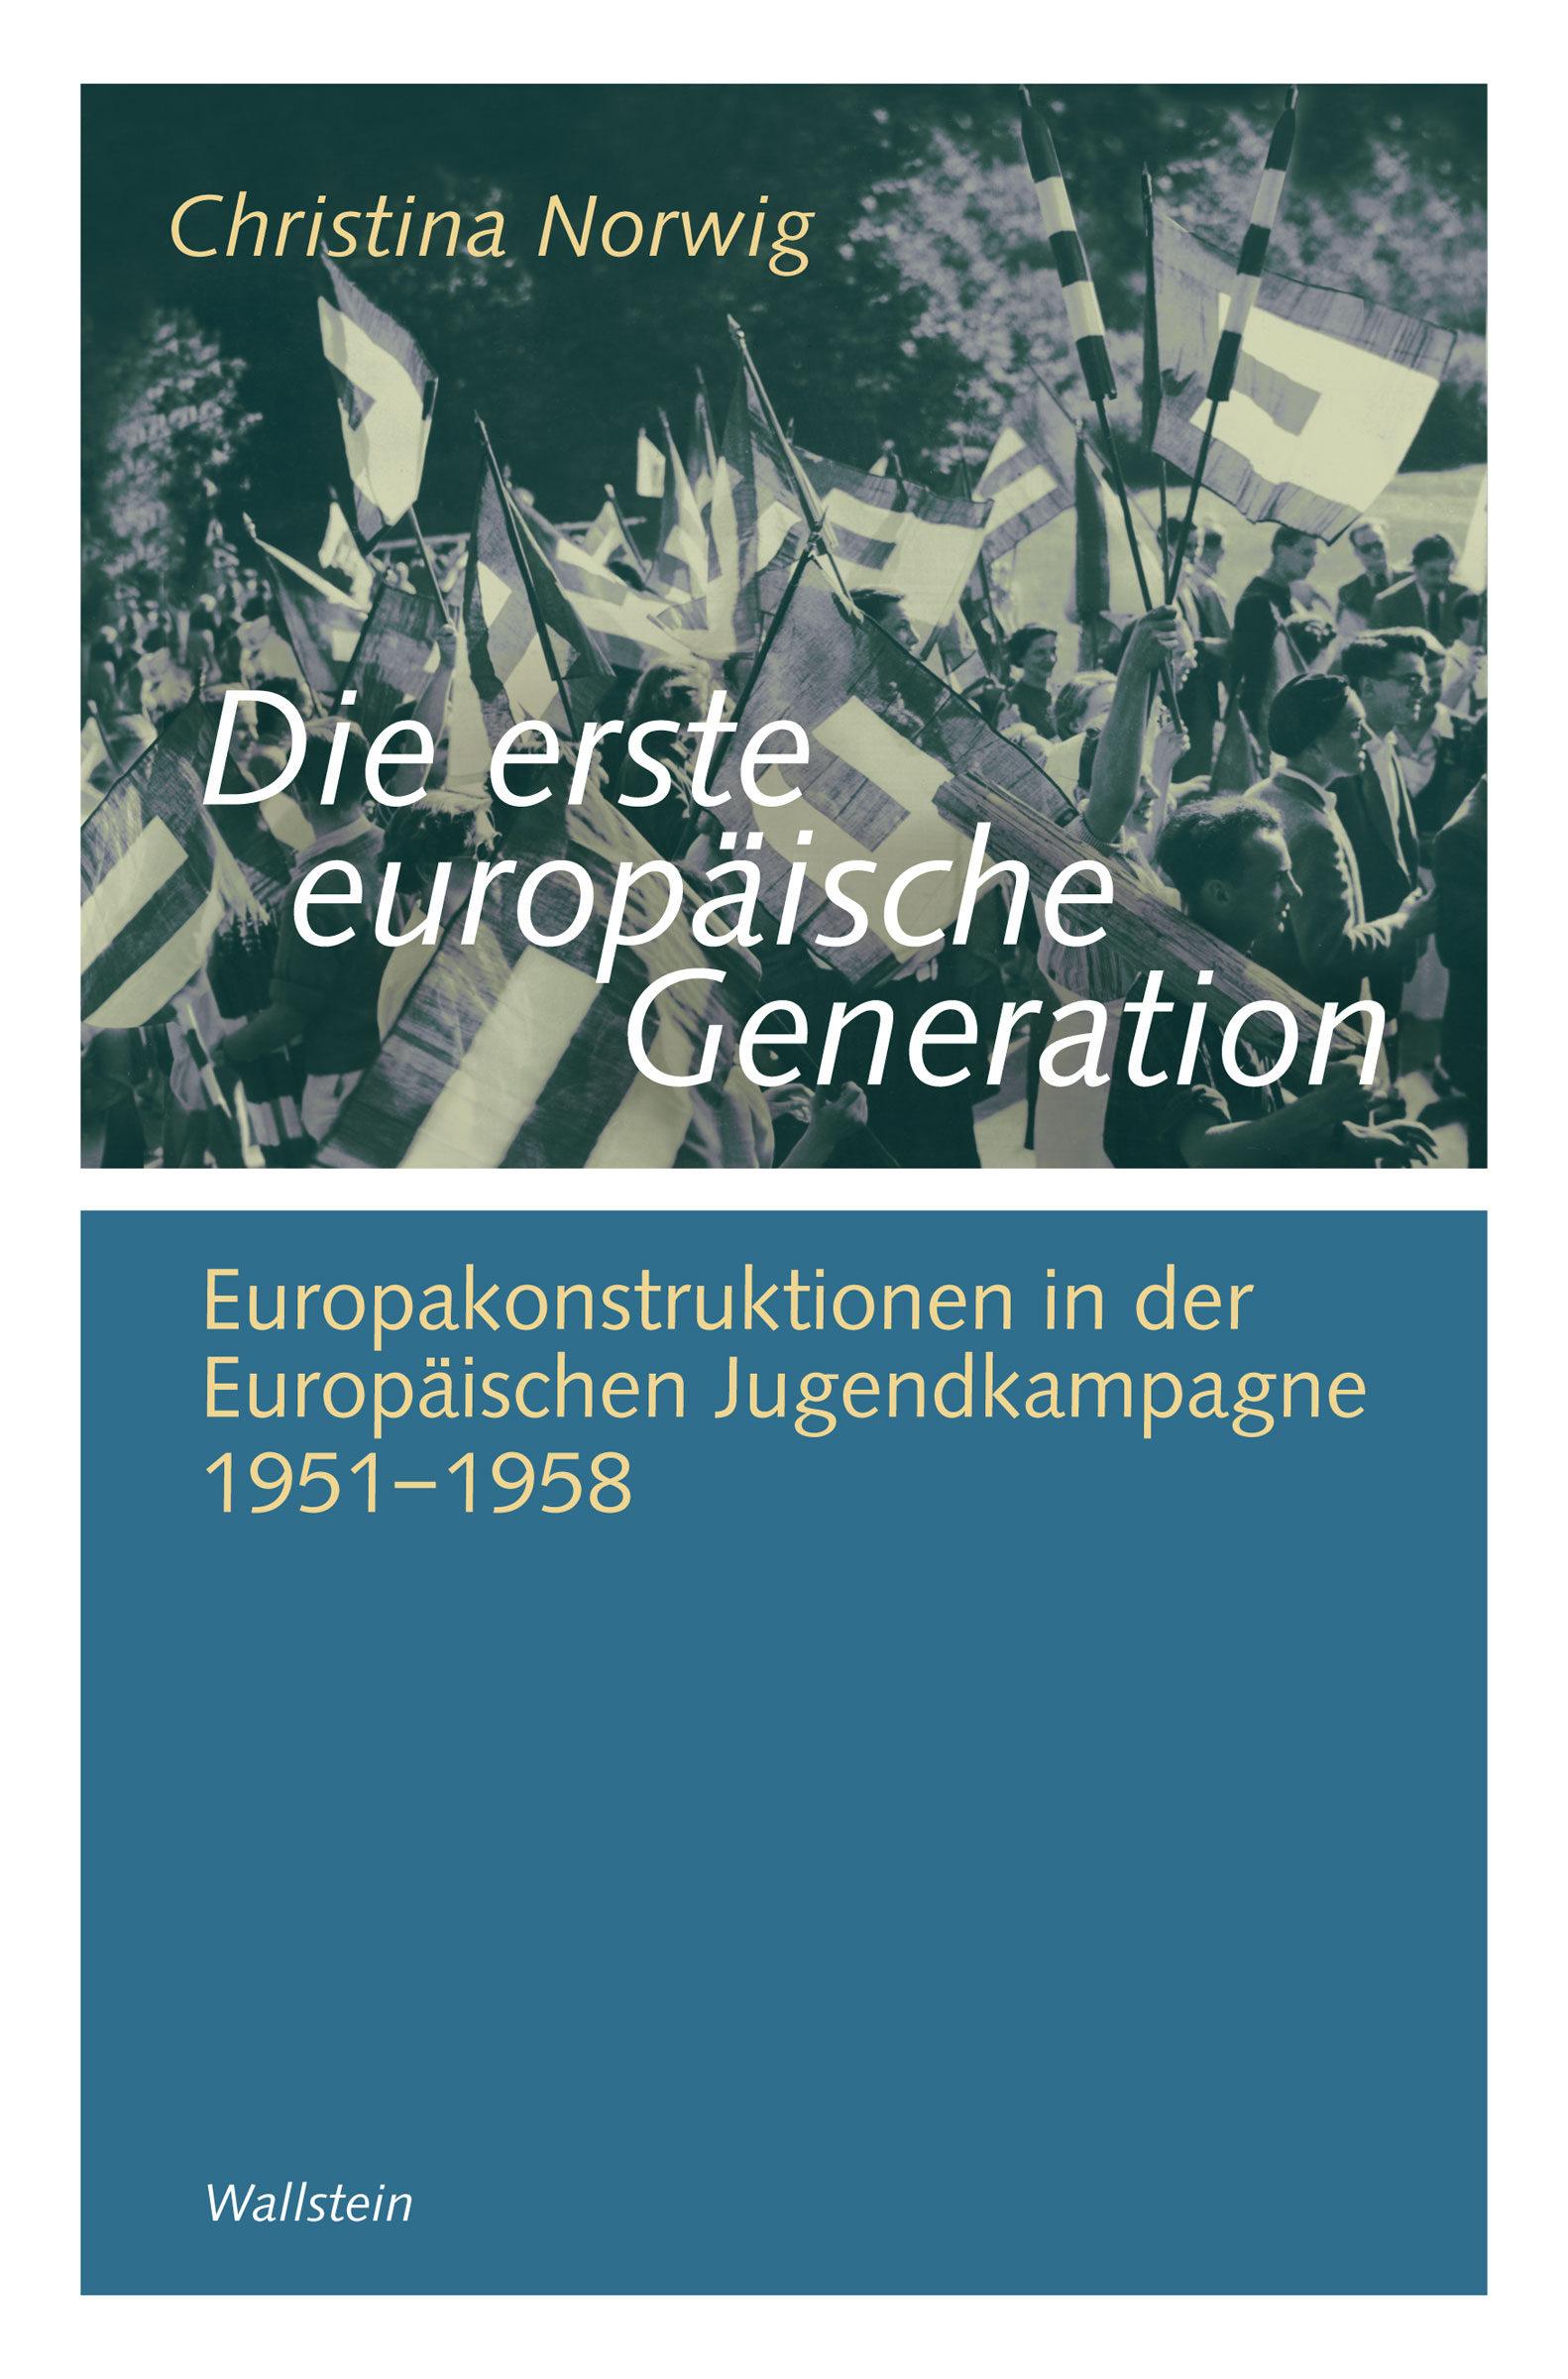 Die Erste Europäische Generation   por Christina Norwig